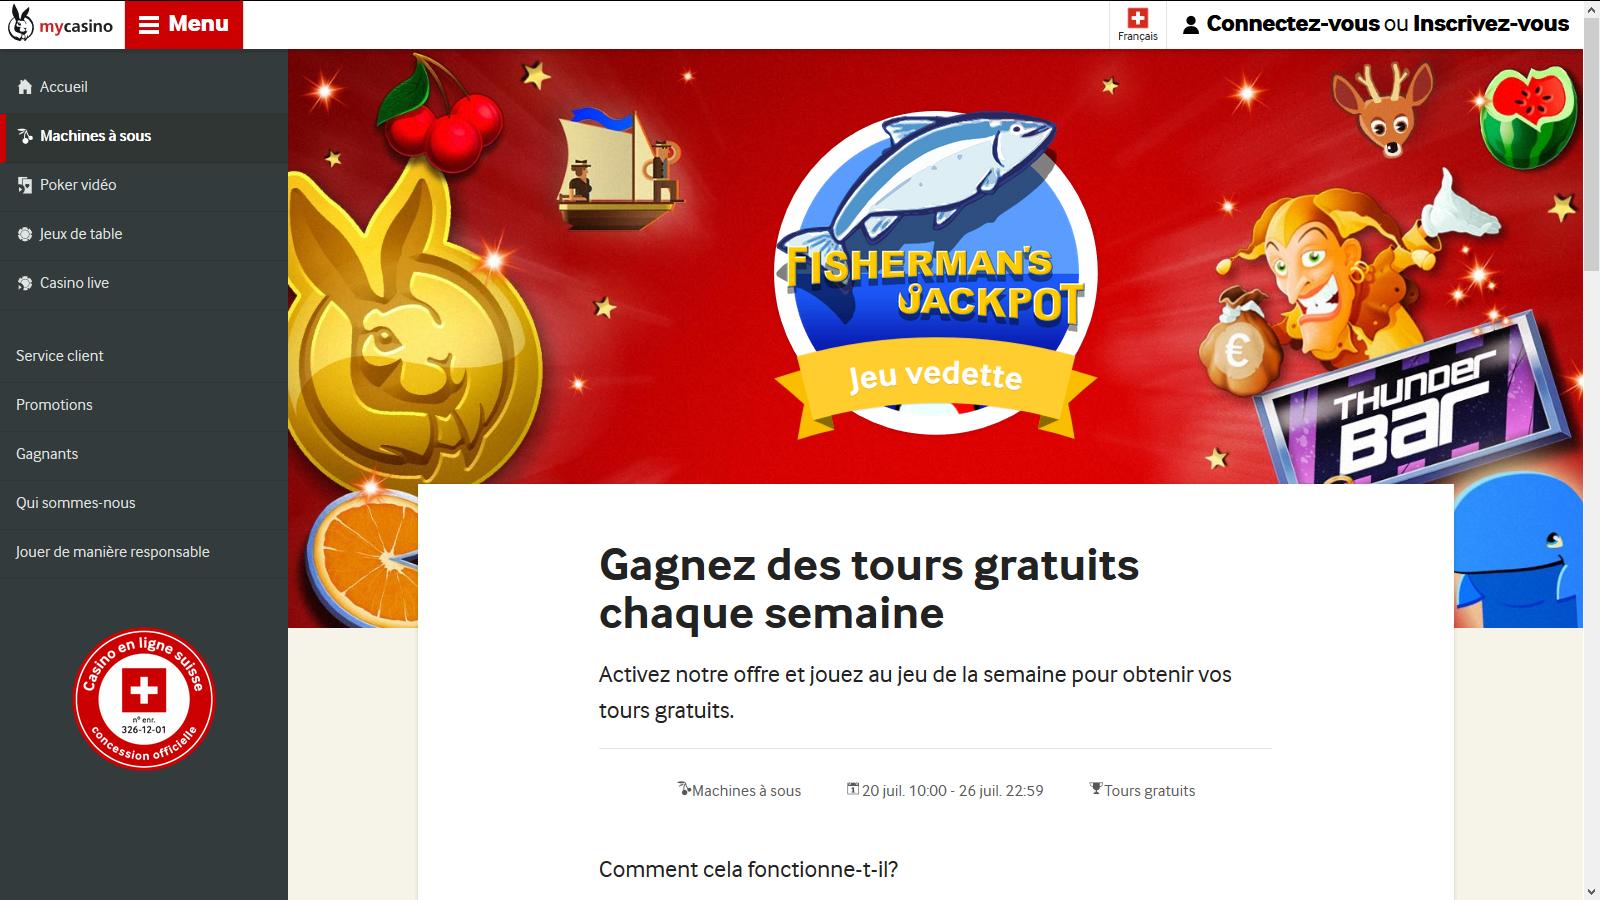 Gagner des tours gratuits sur MyCasino.ch - jeu de la semaine Fisherman's Jackpot